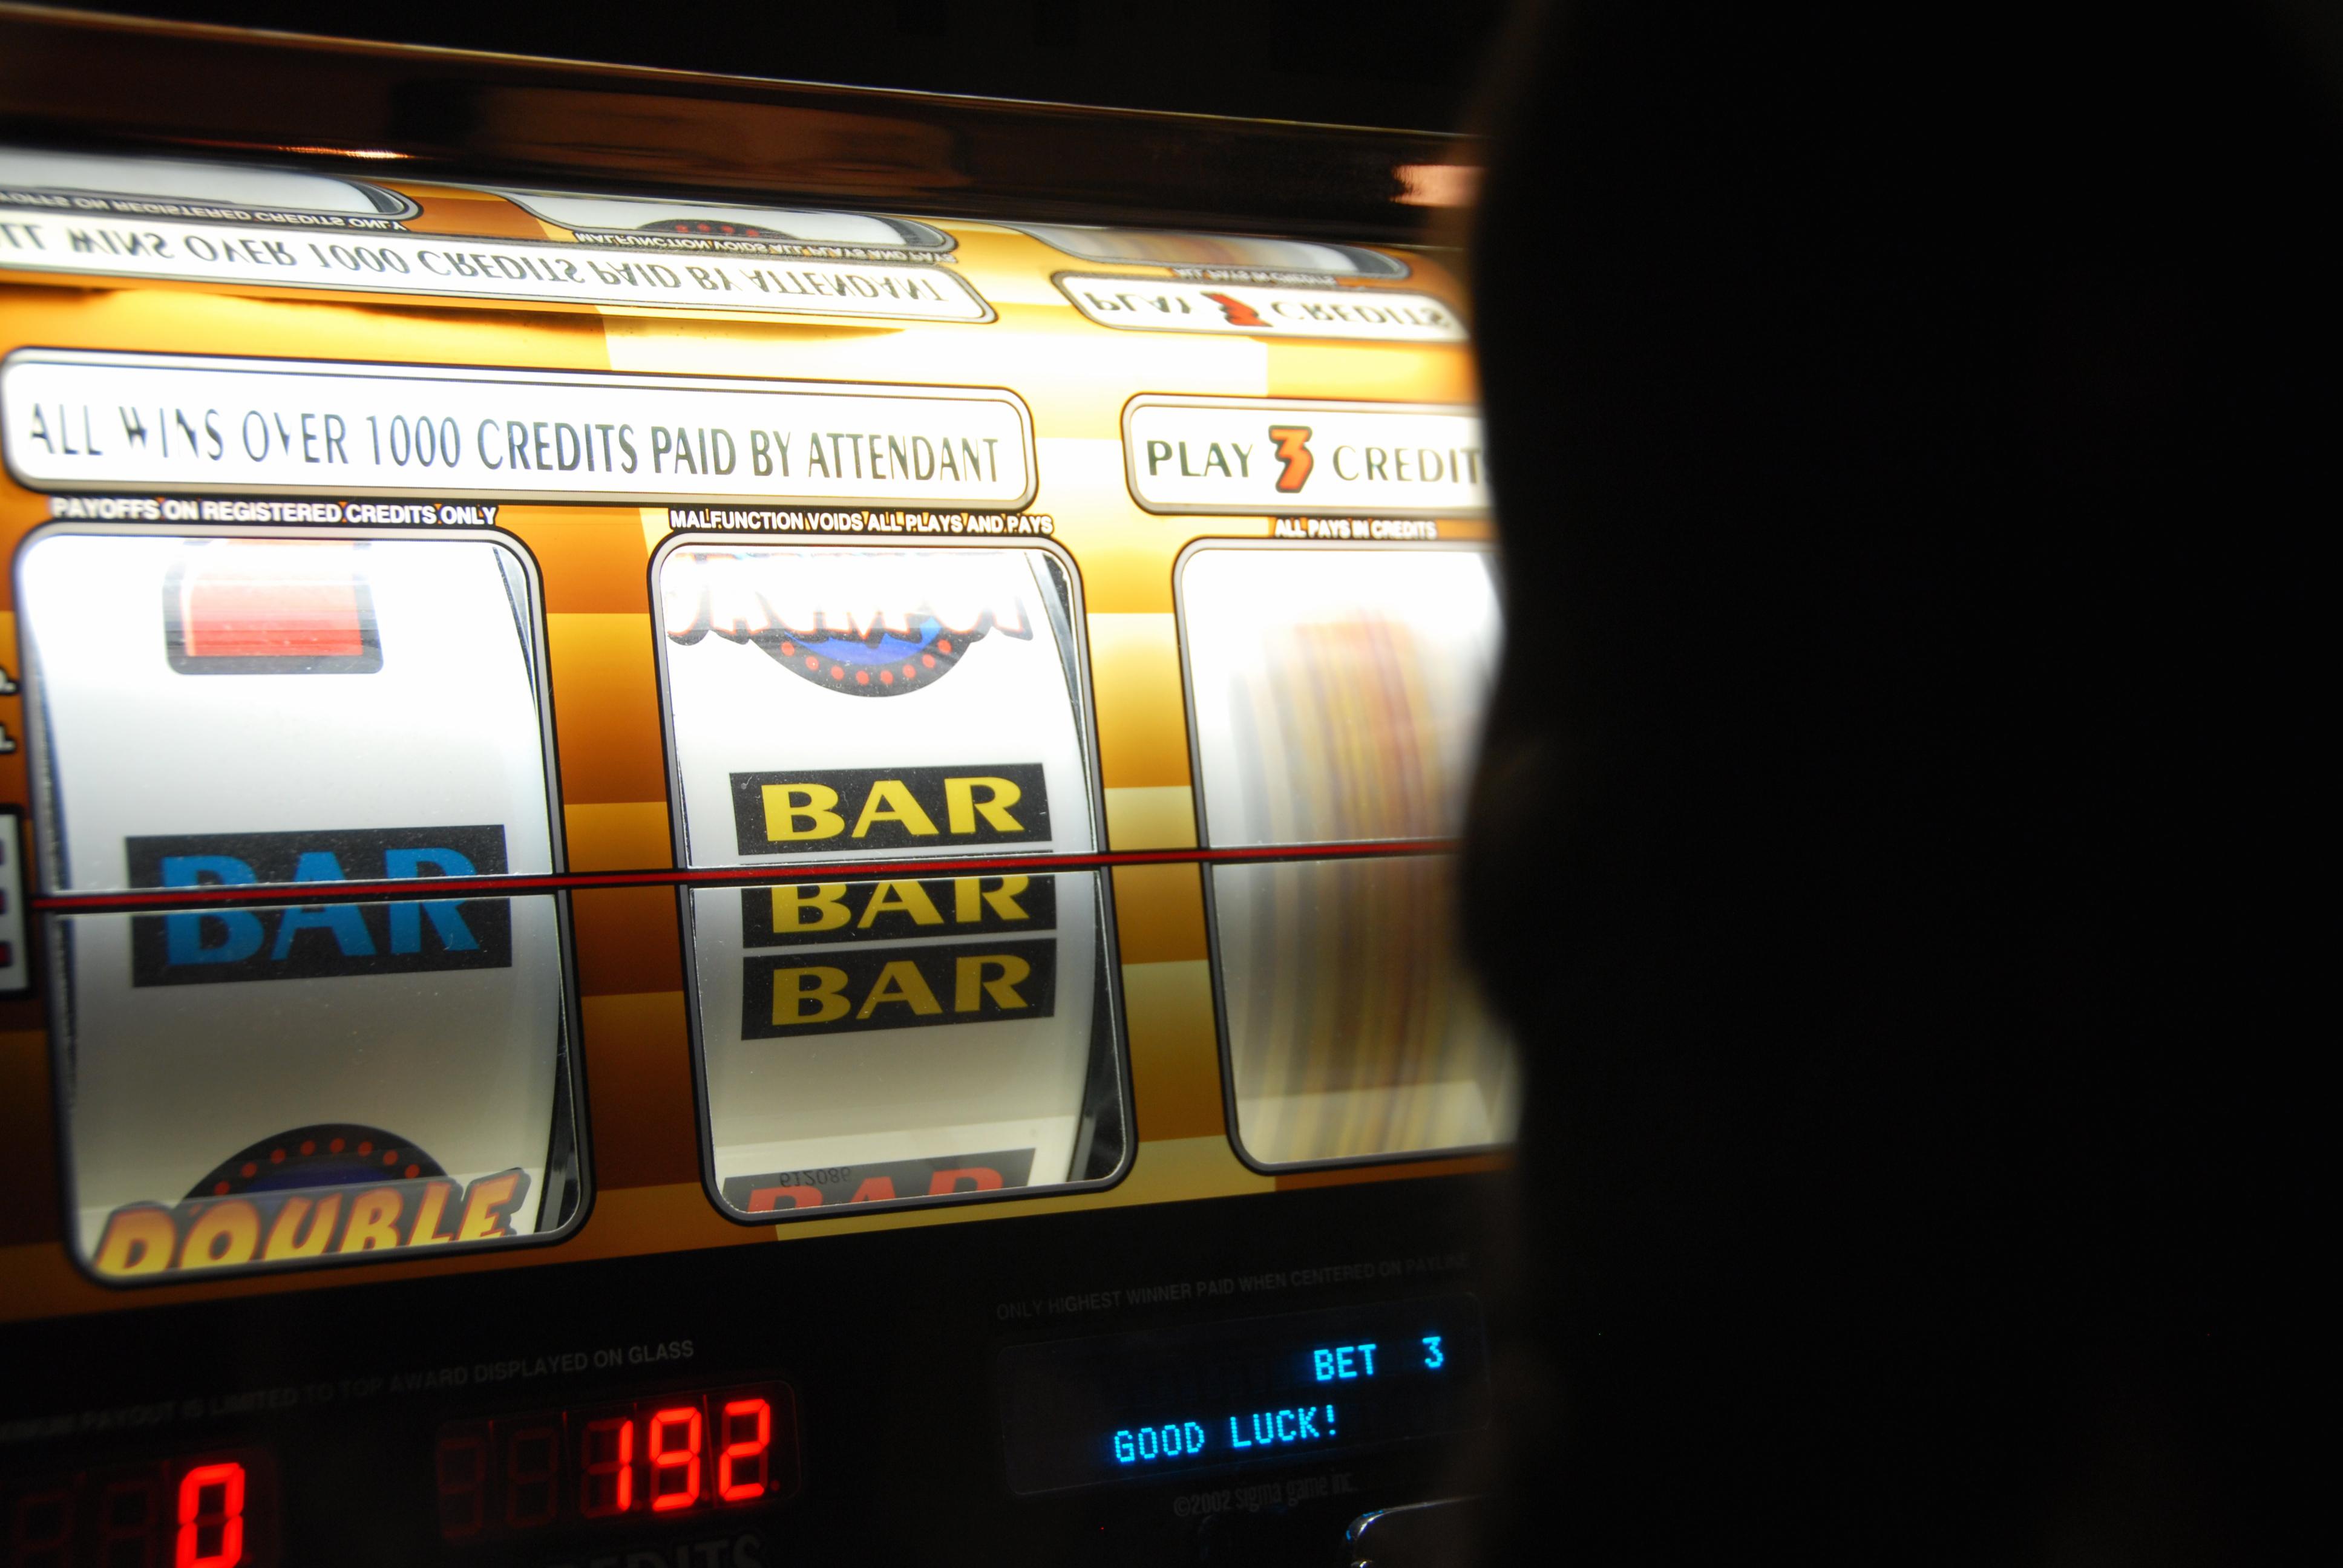 New Gambling Study Released on Eve of Gambling Committee Meetings